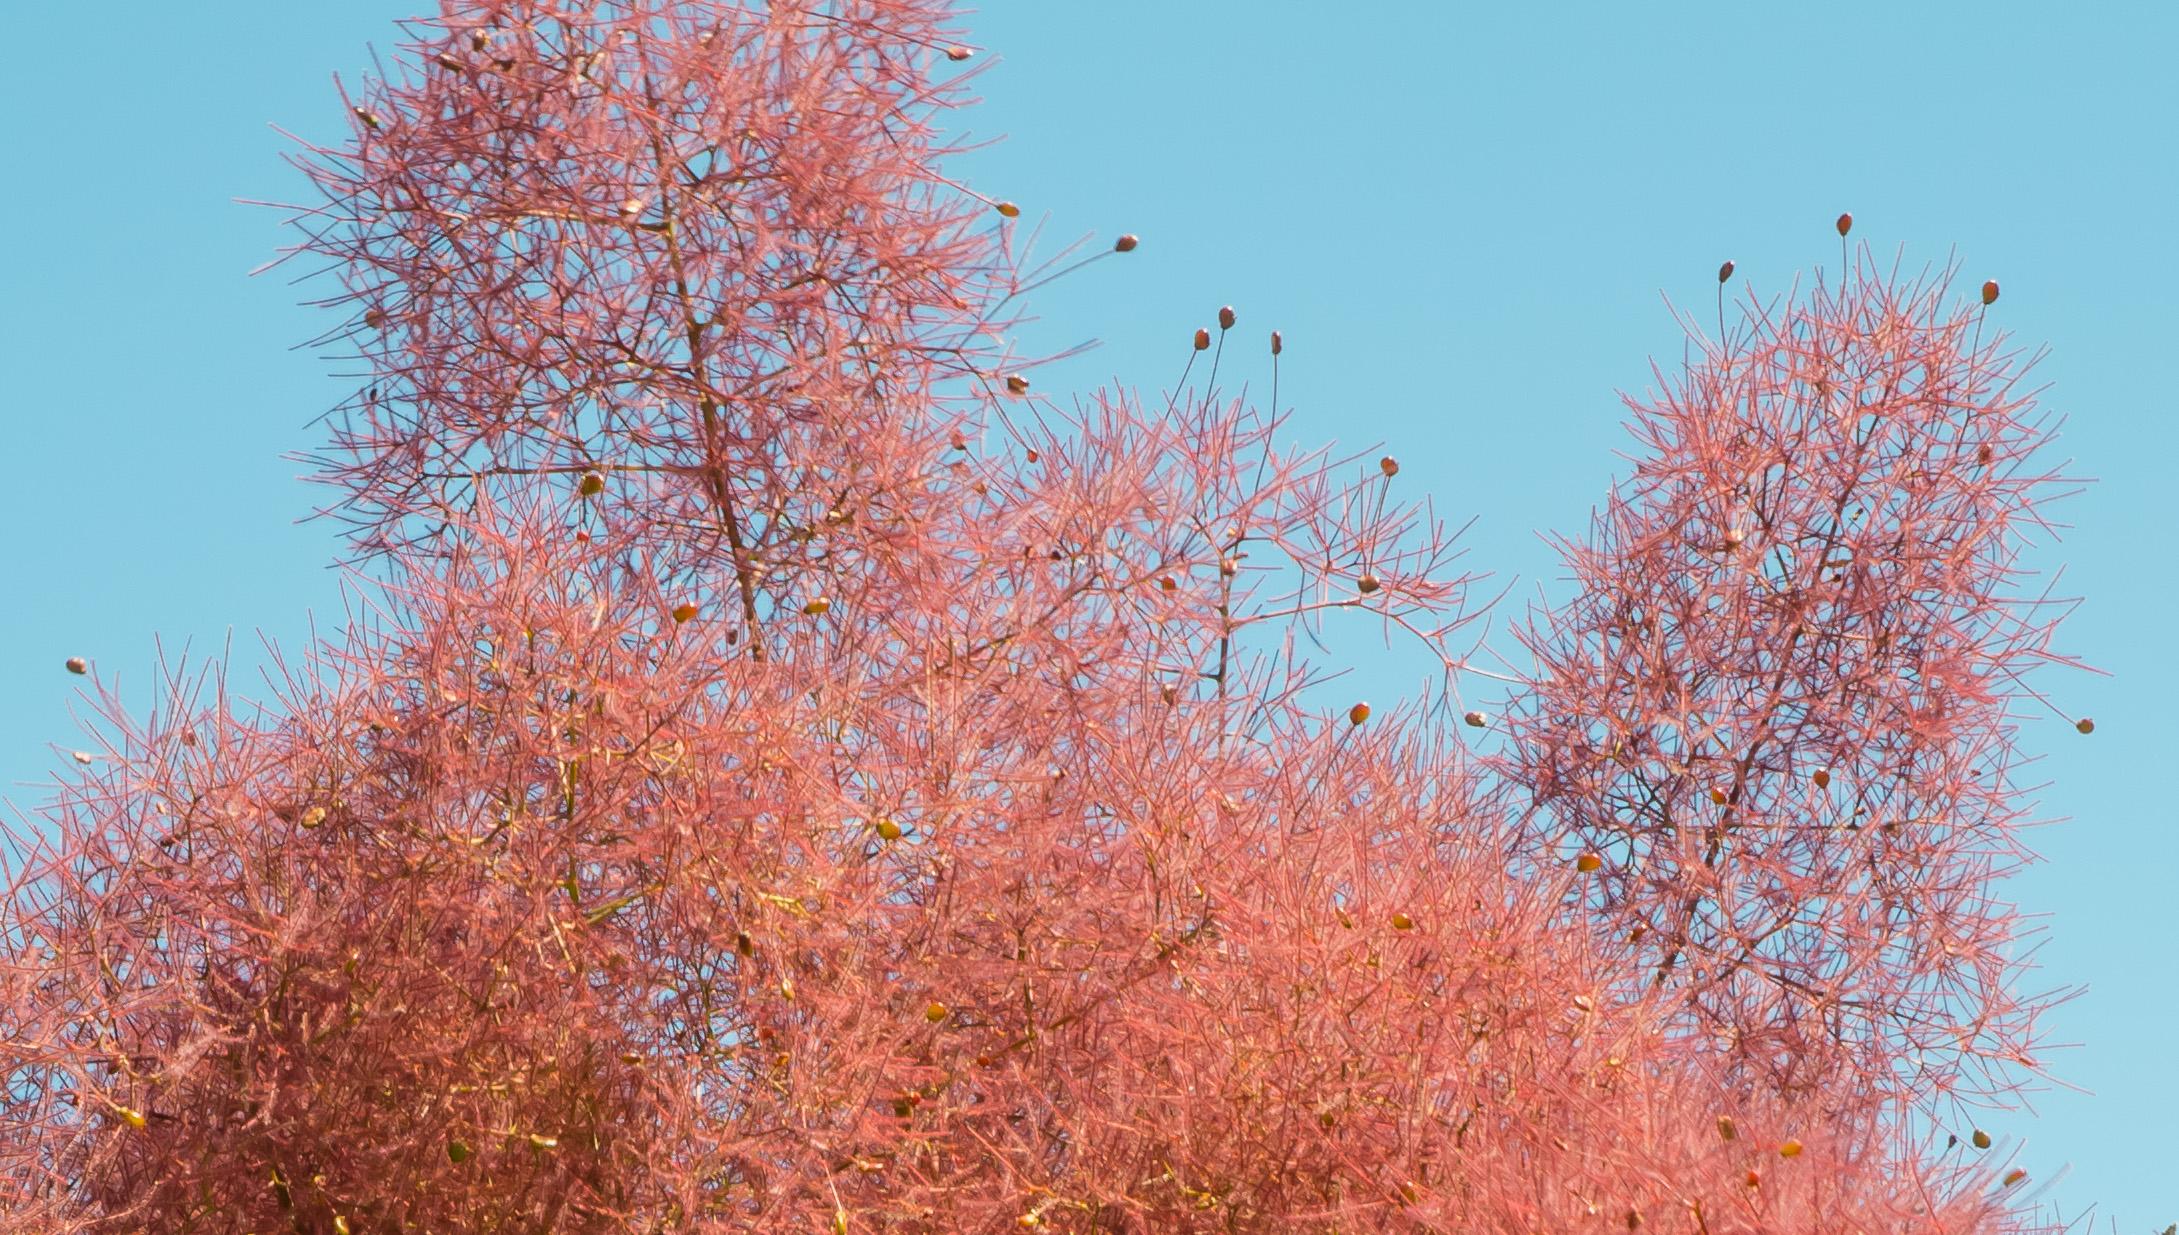 Papel De Parede Rvores Flores Ramo Arbustos Flor Primavera  -> Papel De Parede Para Sala Bordo